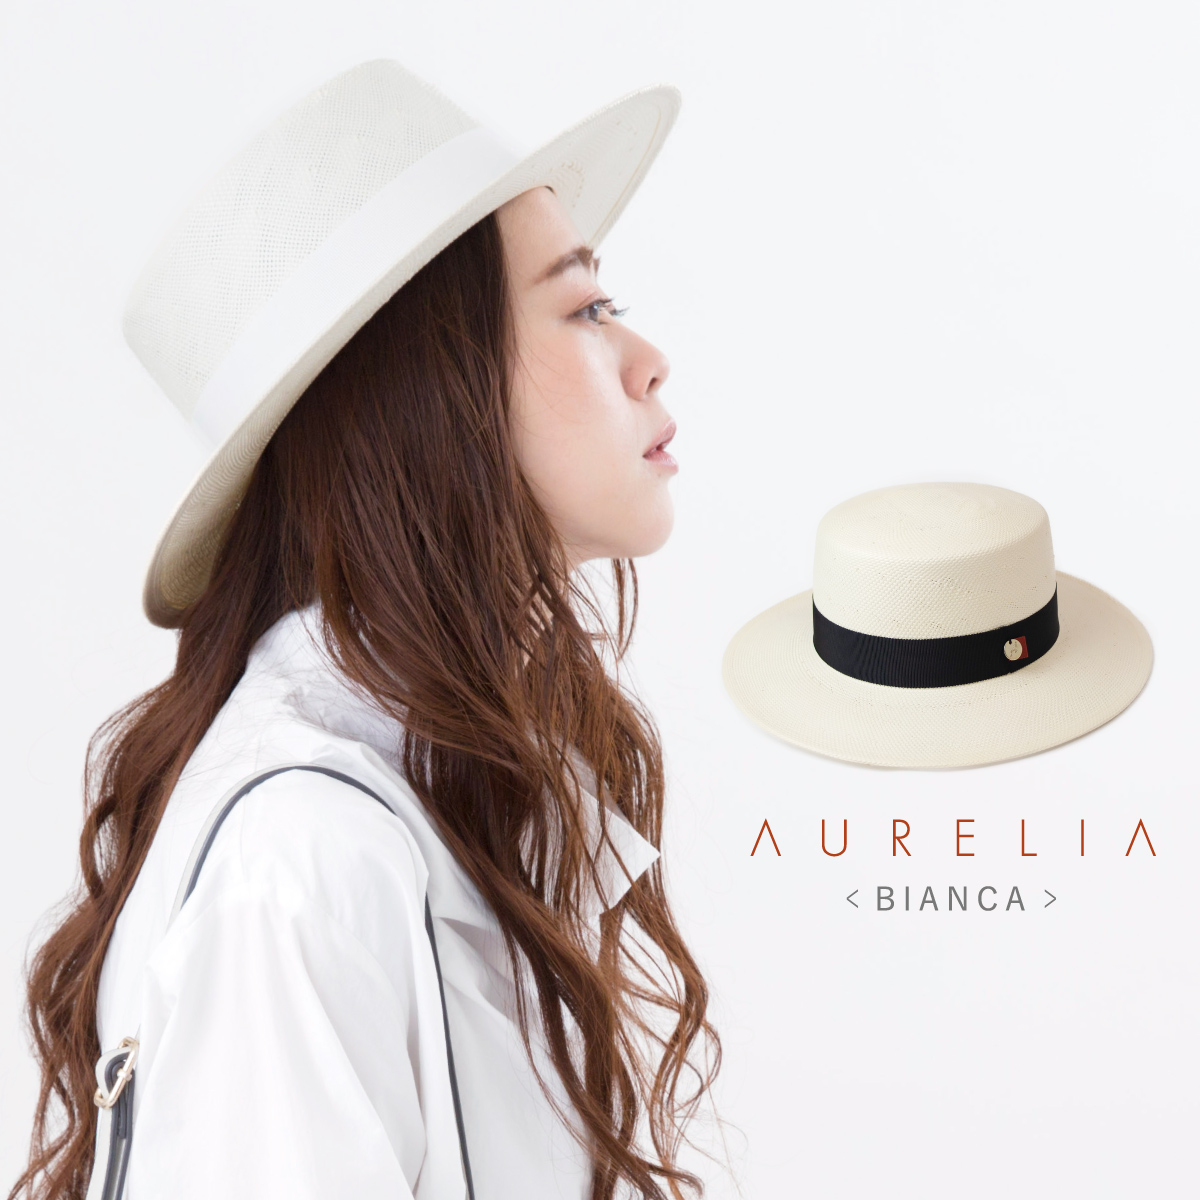 帽子 本日限定 レディース アウレリア かんかん帽 キャノチェ サイズ調節可 UV対策 コインチャーム 送料無料 ギフト セール開催中最短即日発送 日本製 AURELIA 2021 ペーパーパナマカンカン帽 母の日 BIANCA